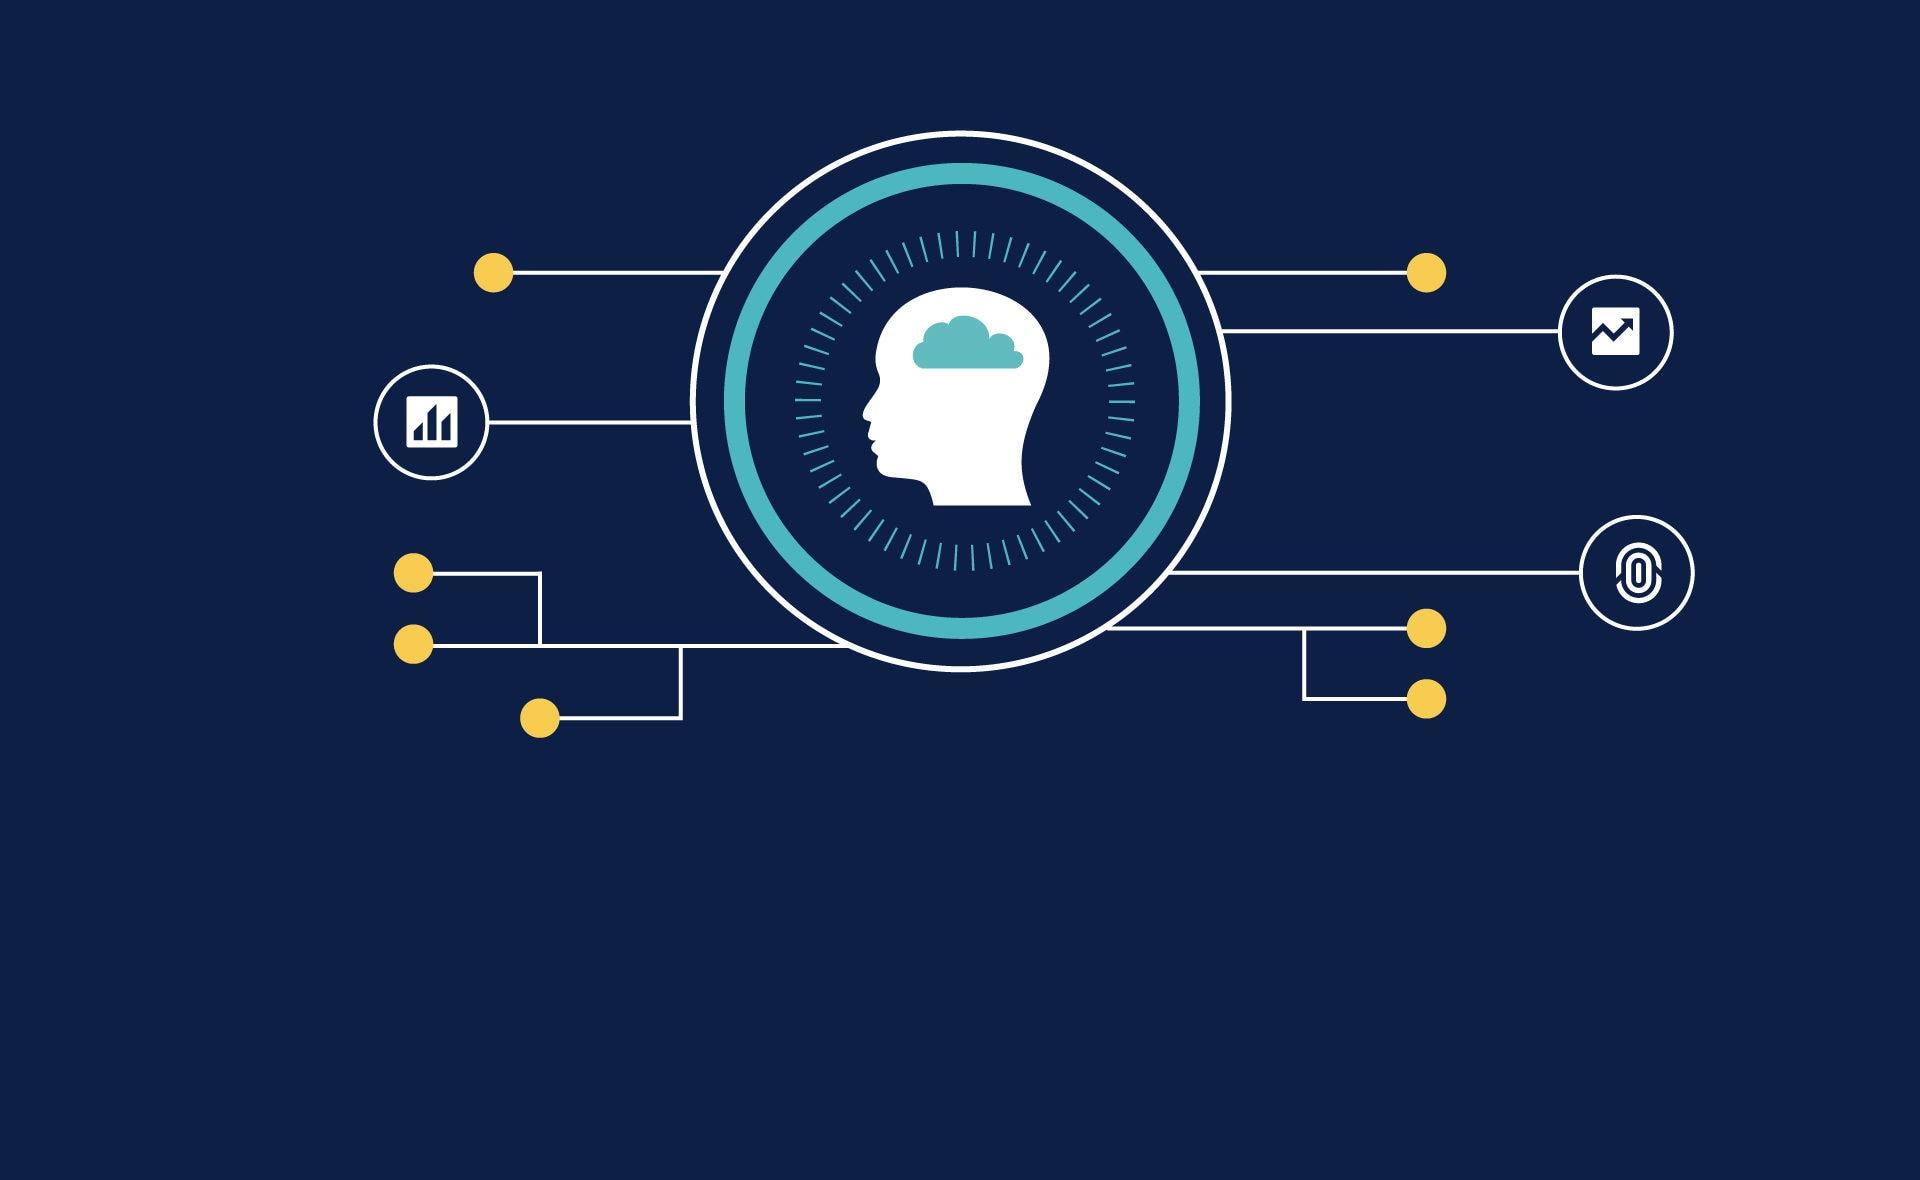 Forografía de BBVA, Inteligencia Artificial, plataforma, conexiones, cerebro, gráficos